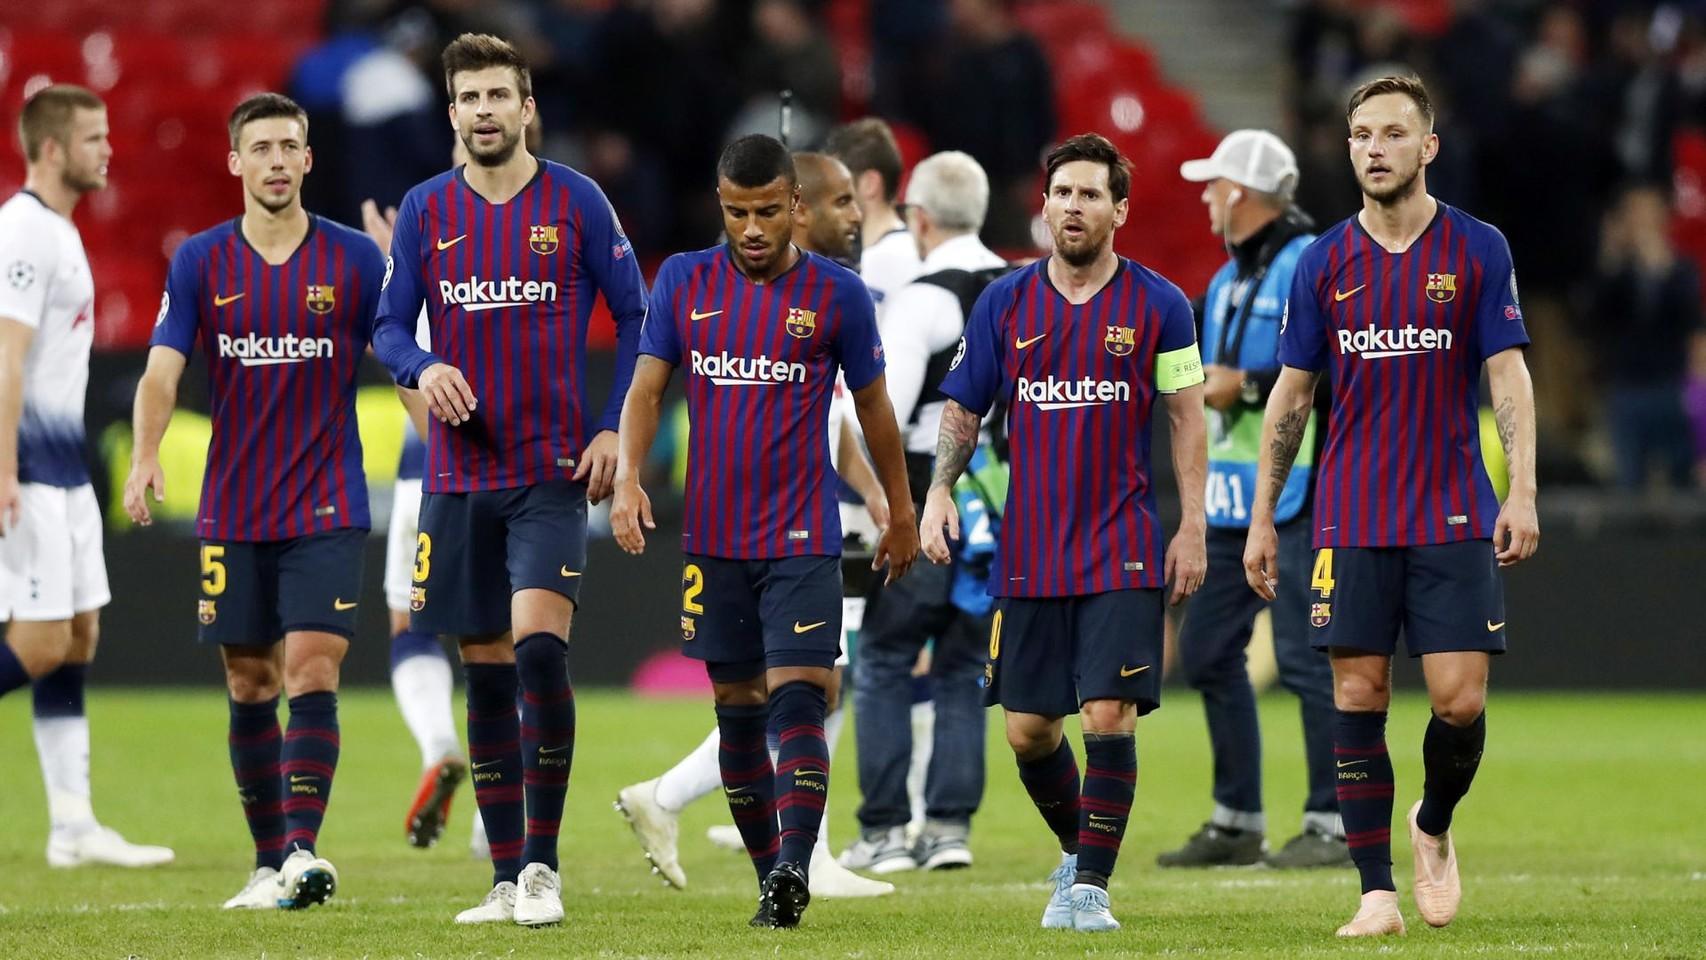 صور مباراة : توتنهام - برشلونة 2-4 ( 03-10-2018 )  100686550